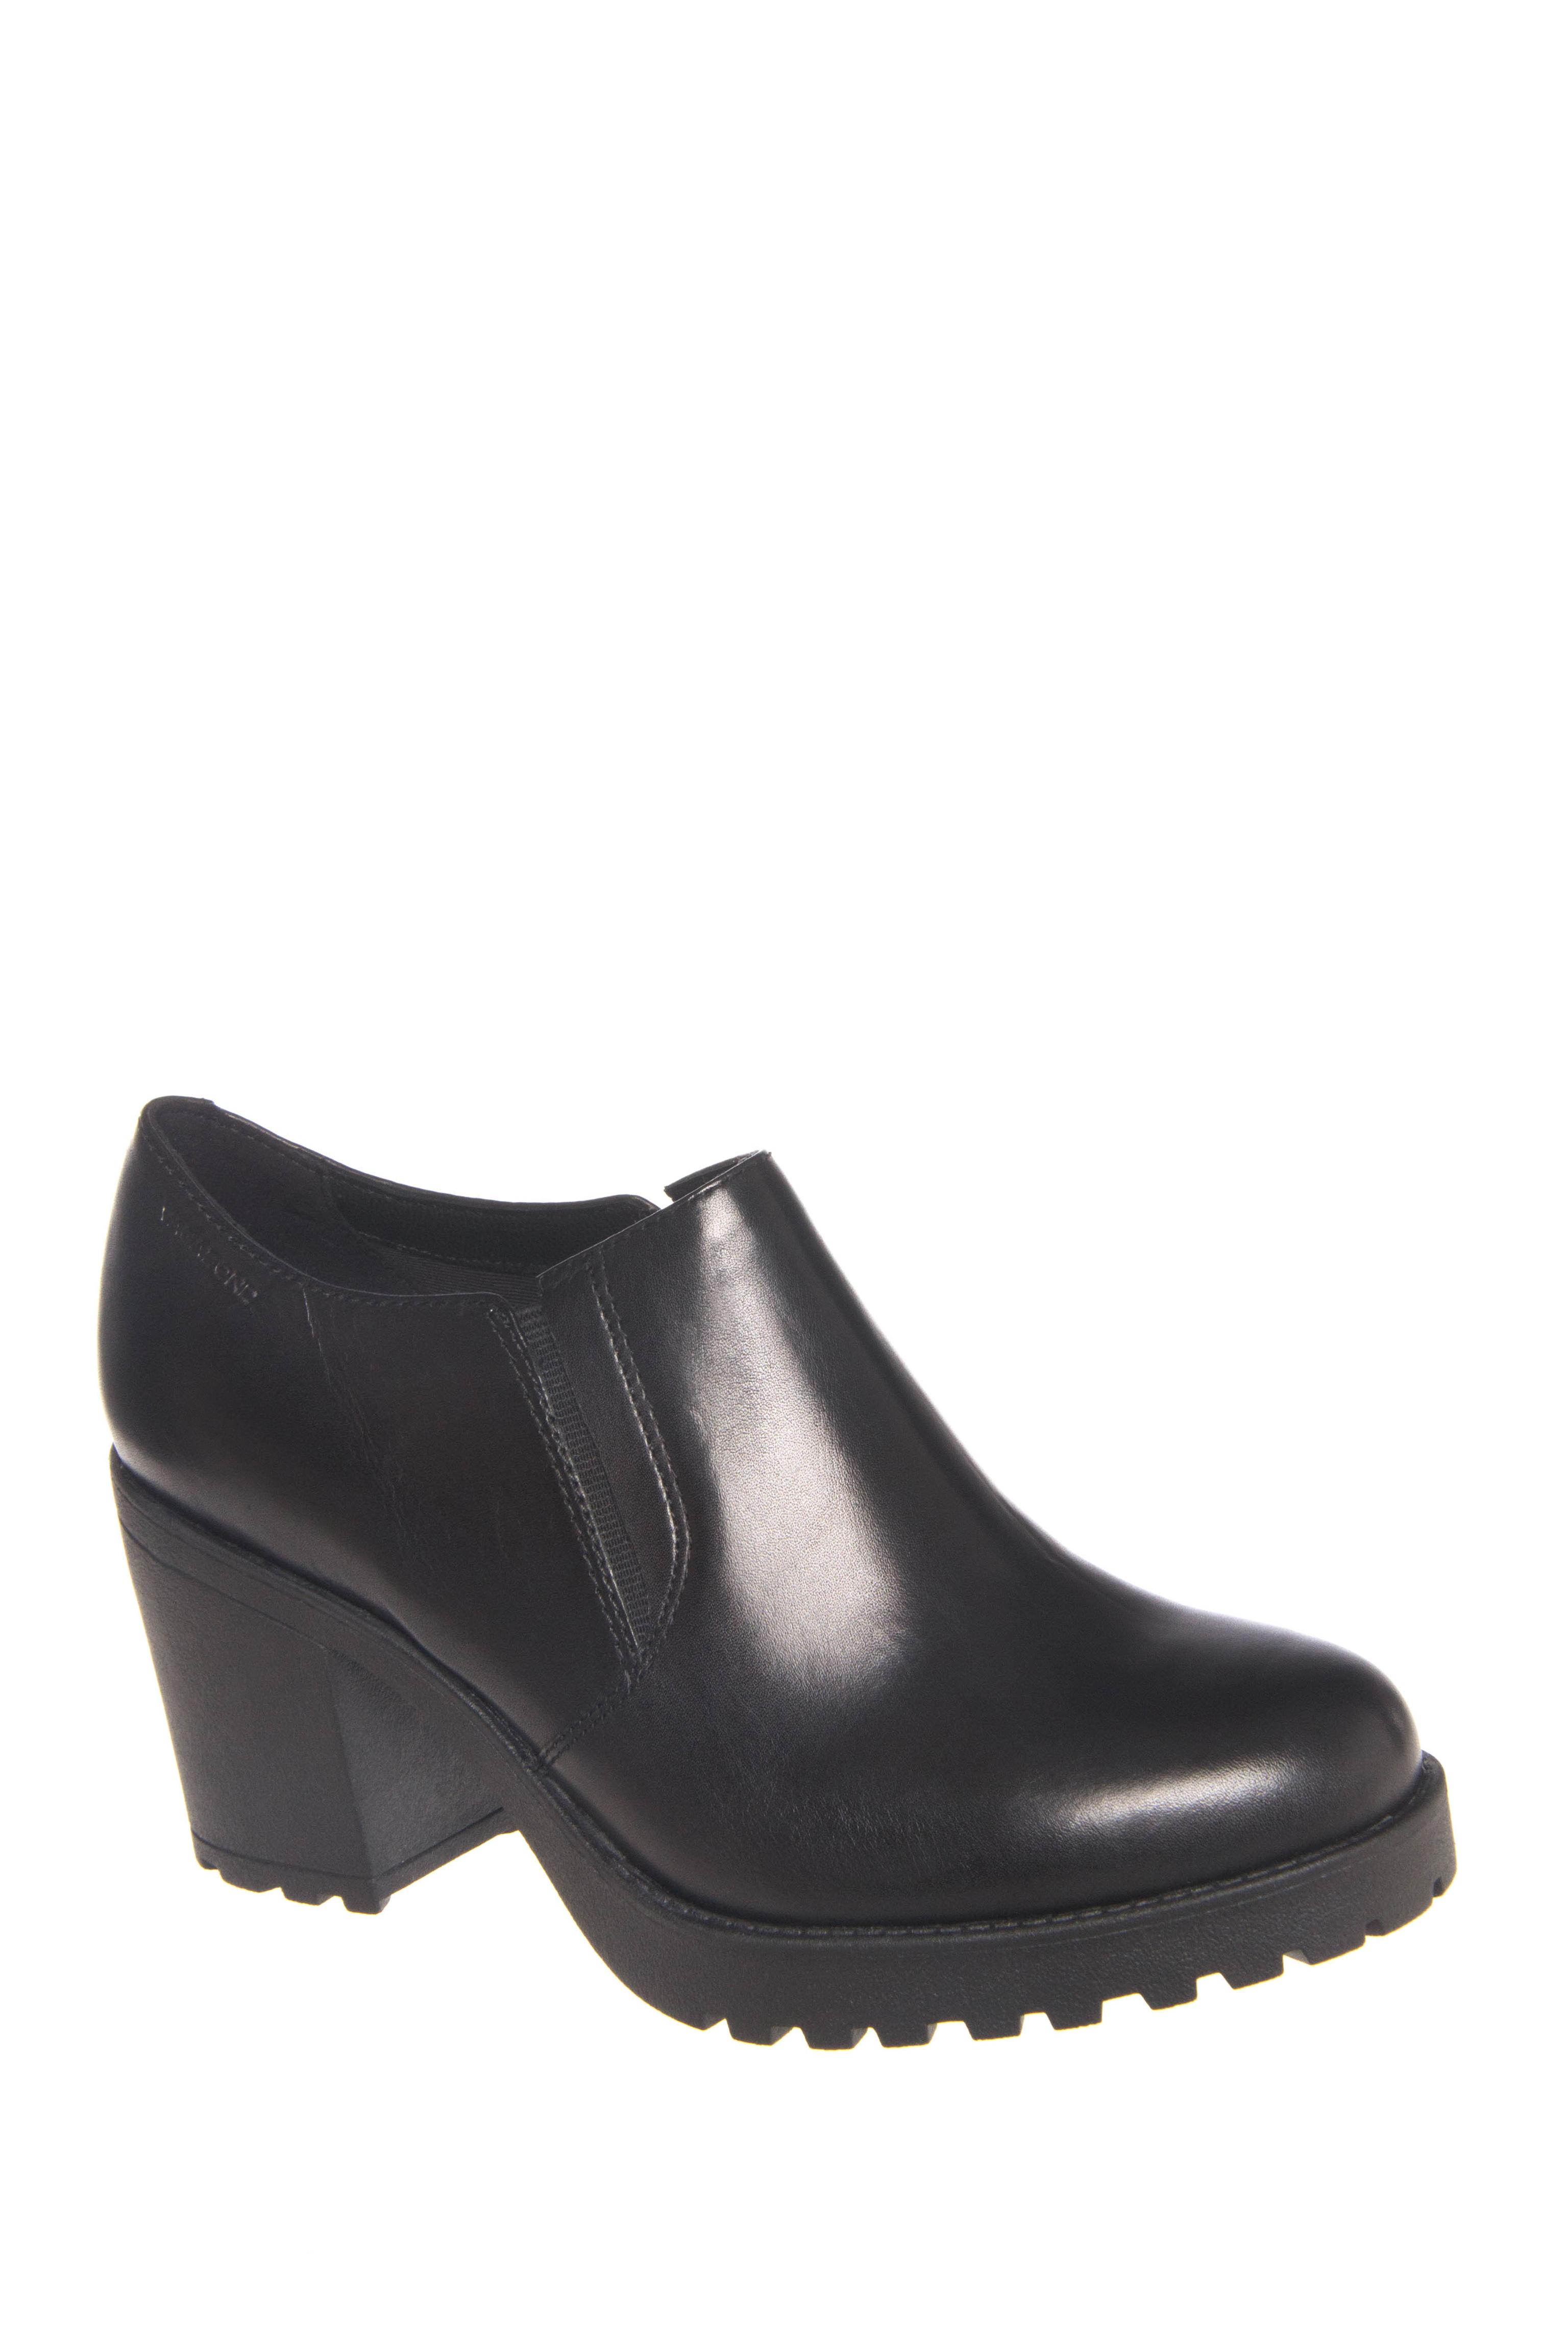 Vagabond Grace Mid Heel Low Rise Boots - Black